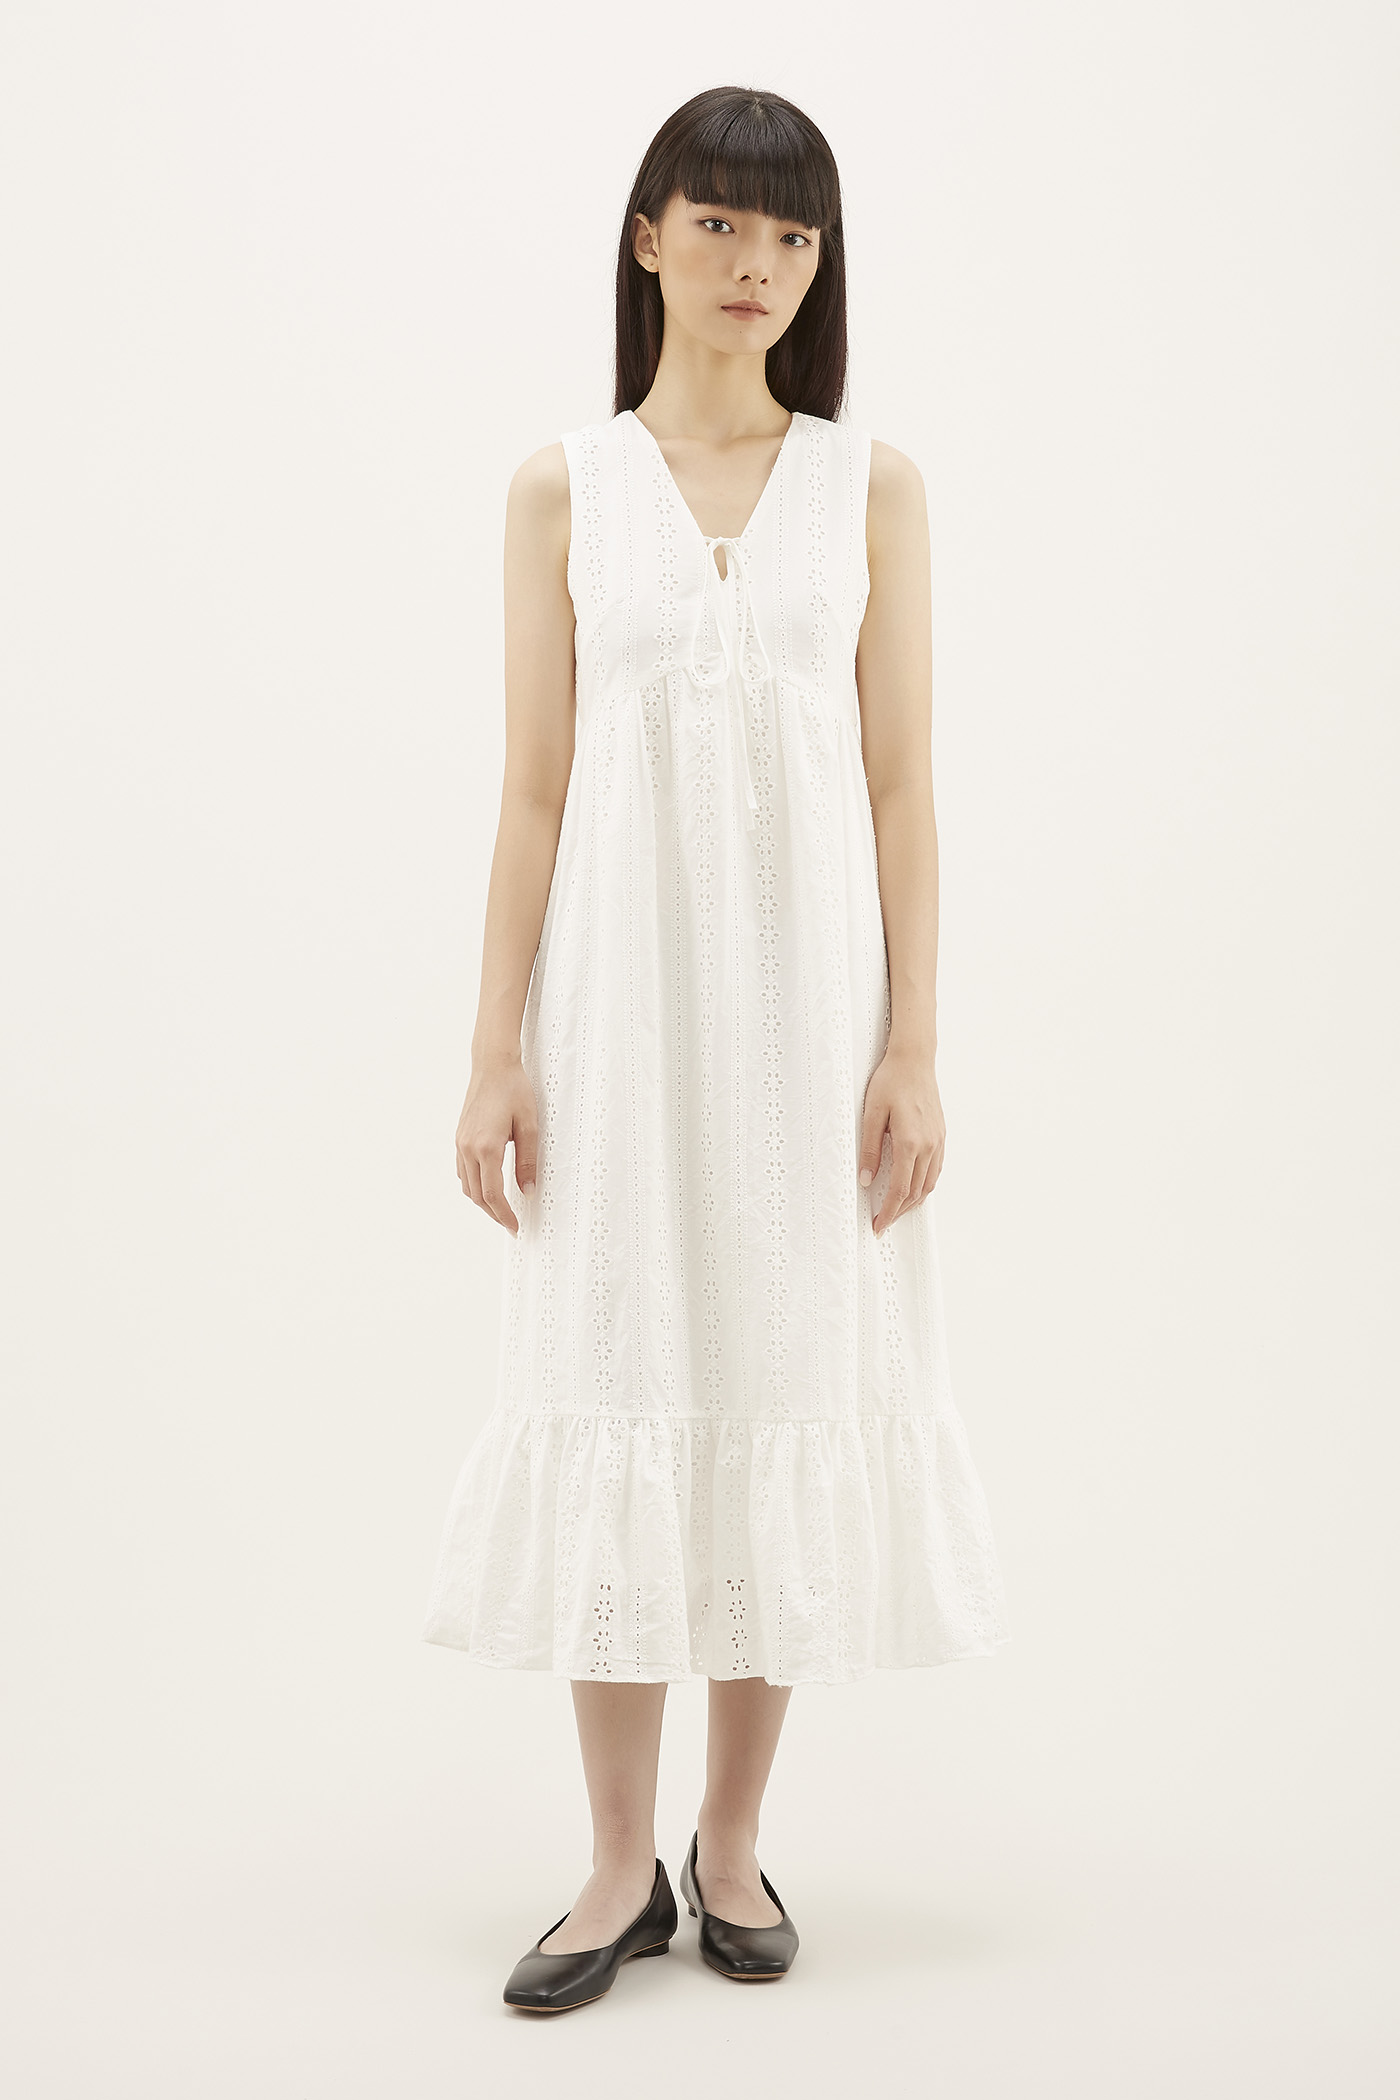 Yarina Broderie Dress